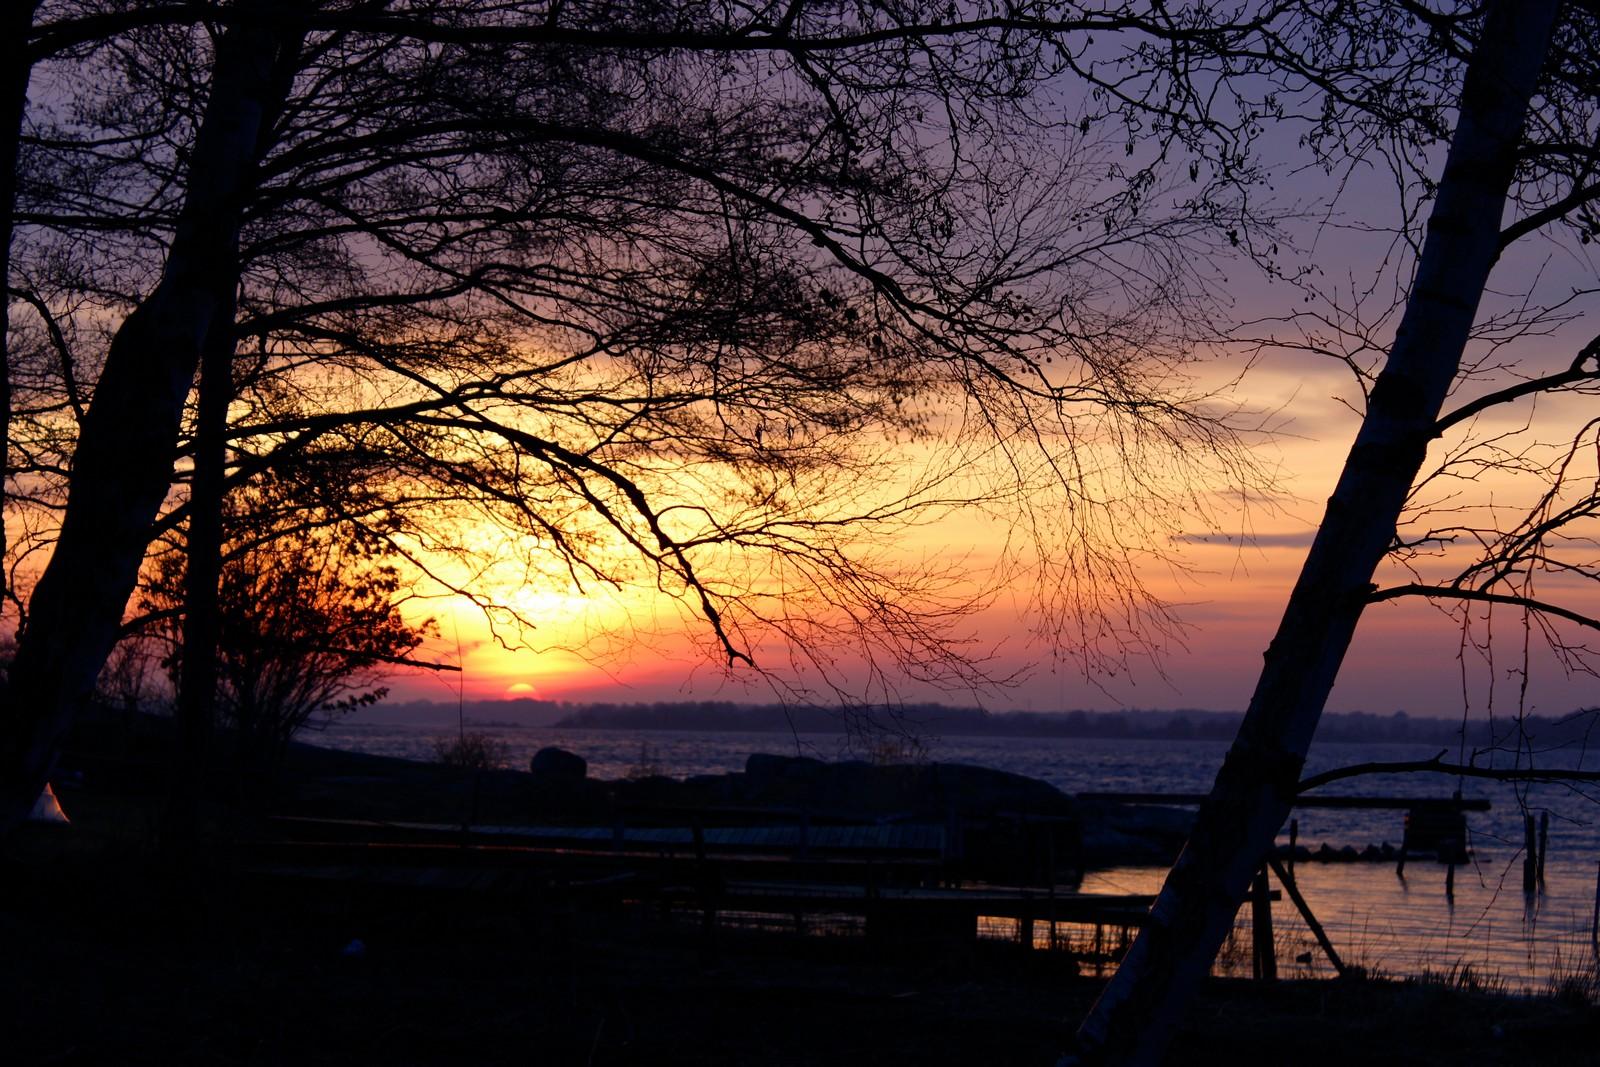 Bidrag 7 - Solnedgång vid båtbryggorna